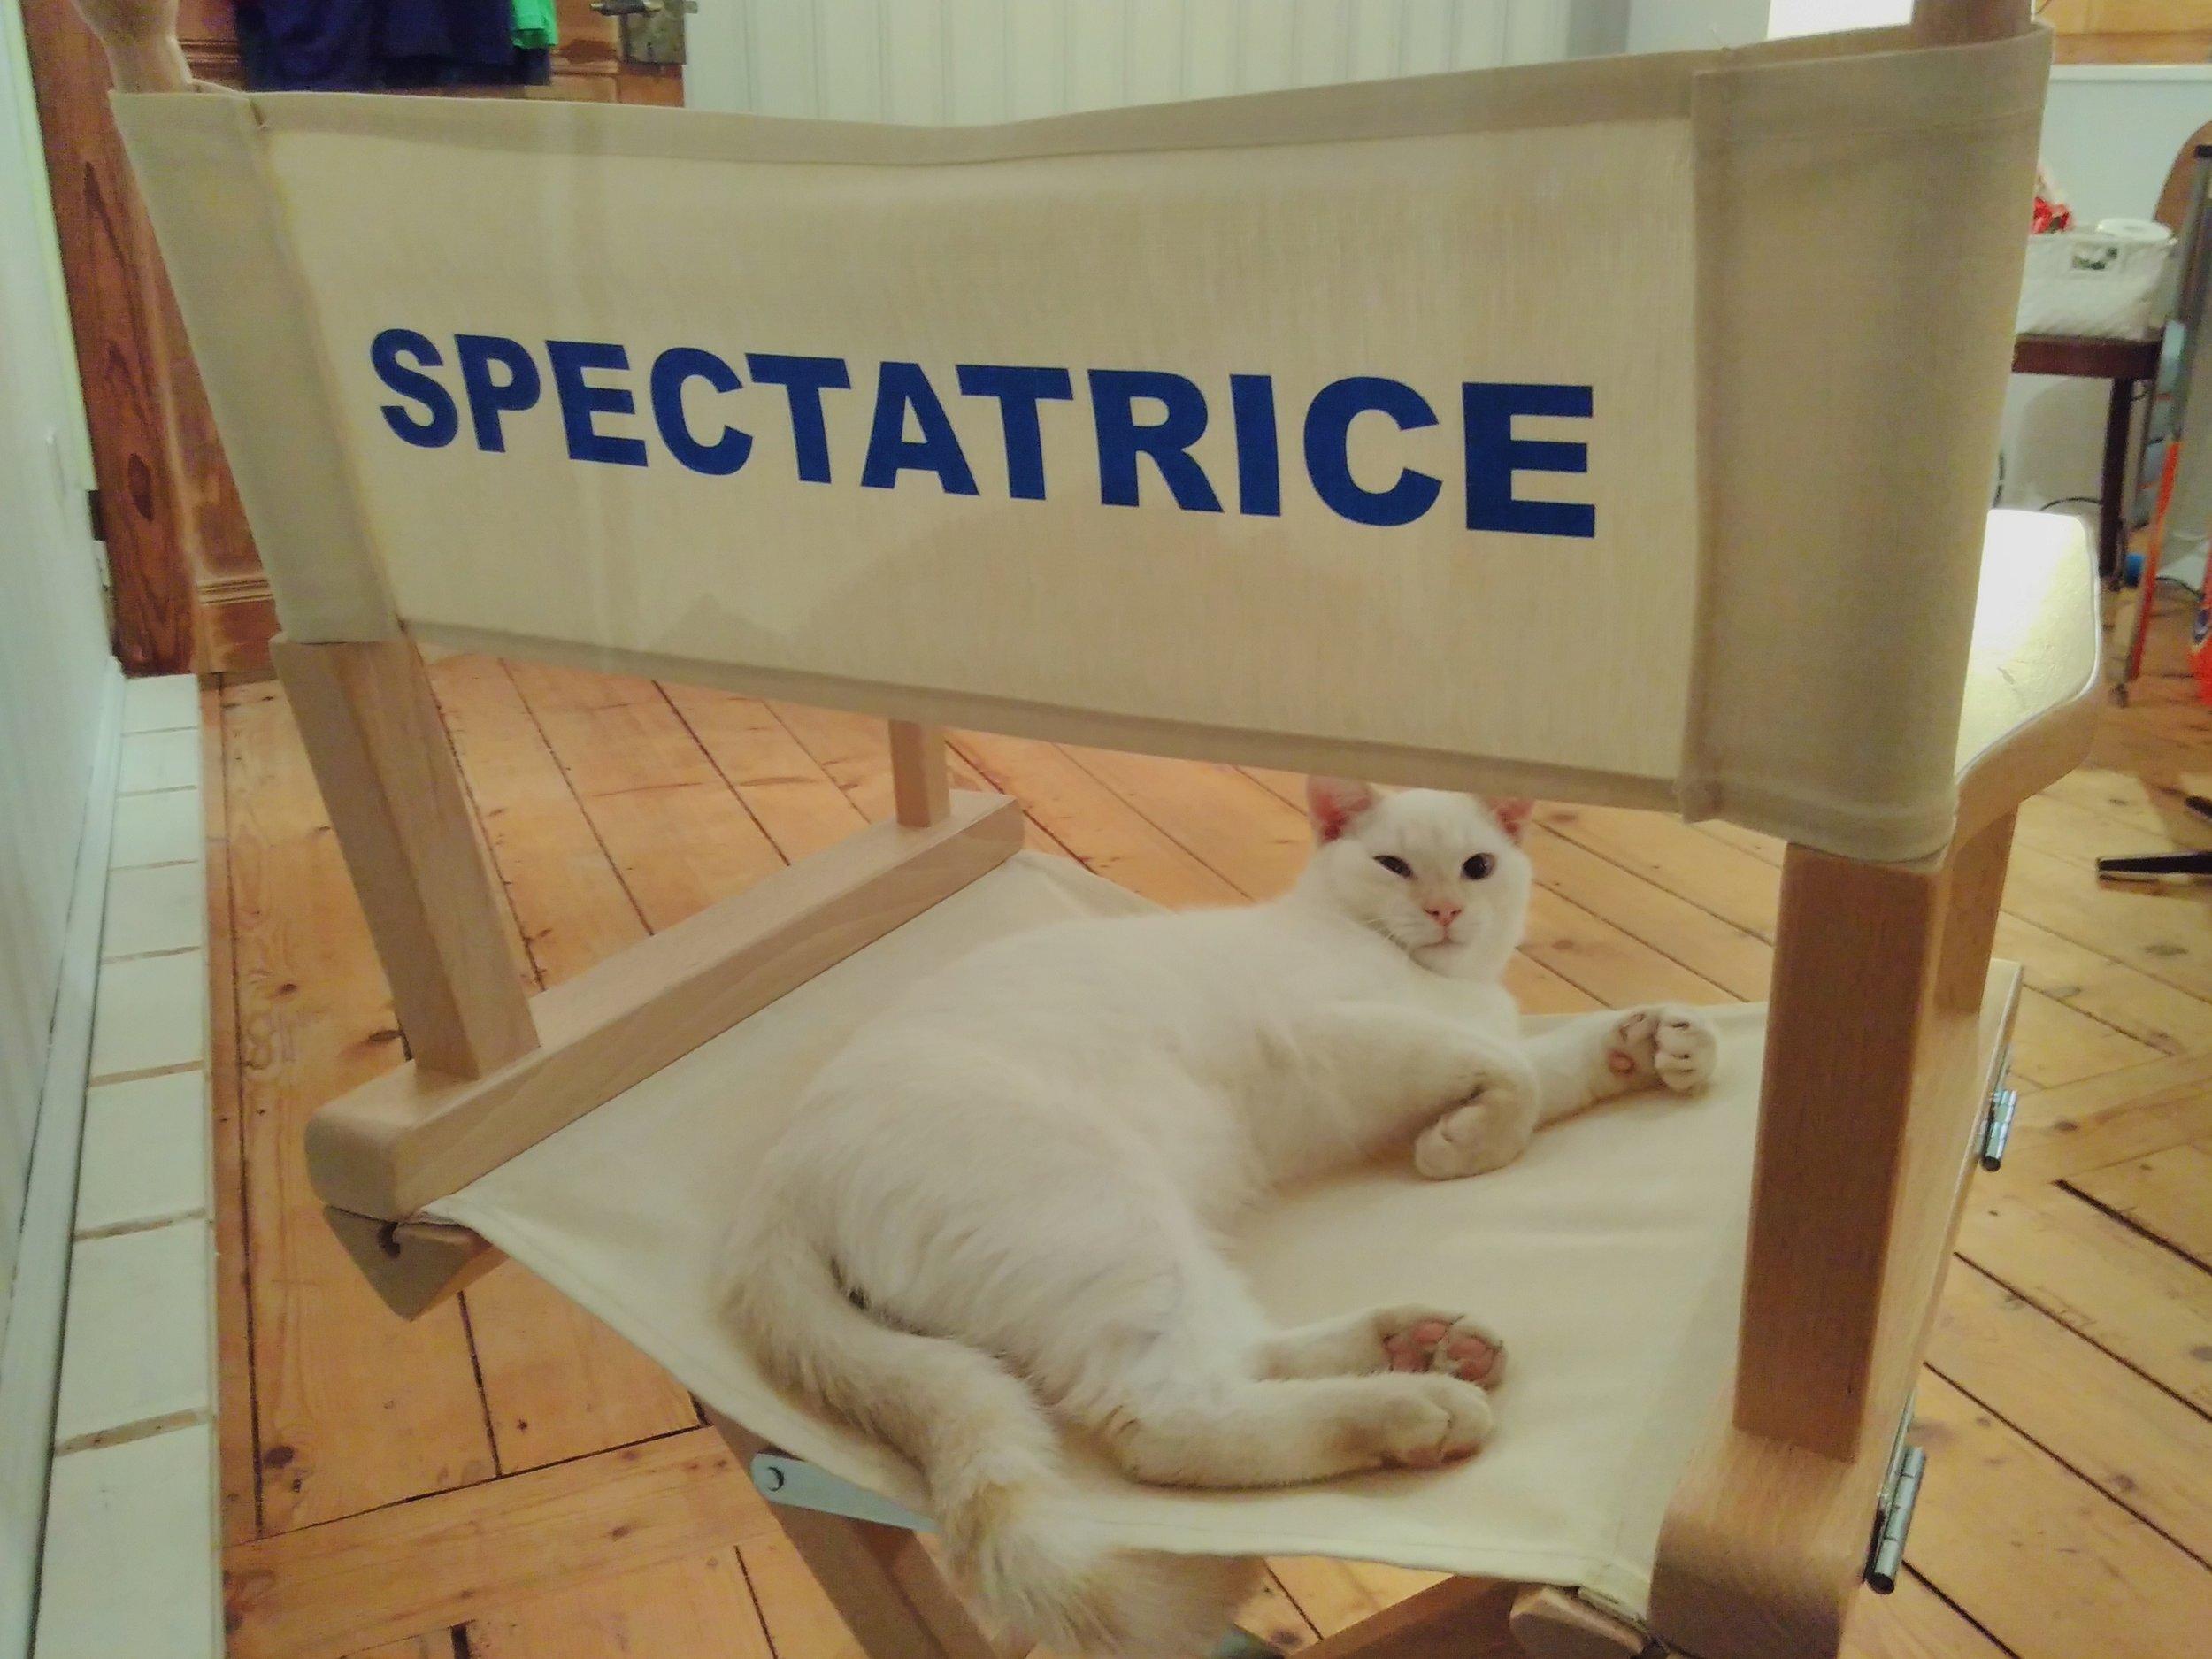 Le chat, Robert Milin dit Mimi, aime la place de spectatrice